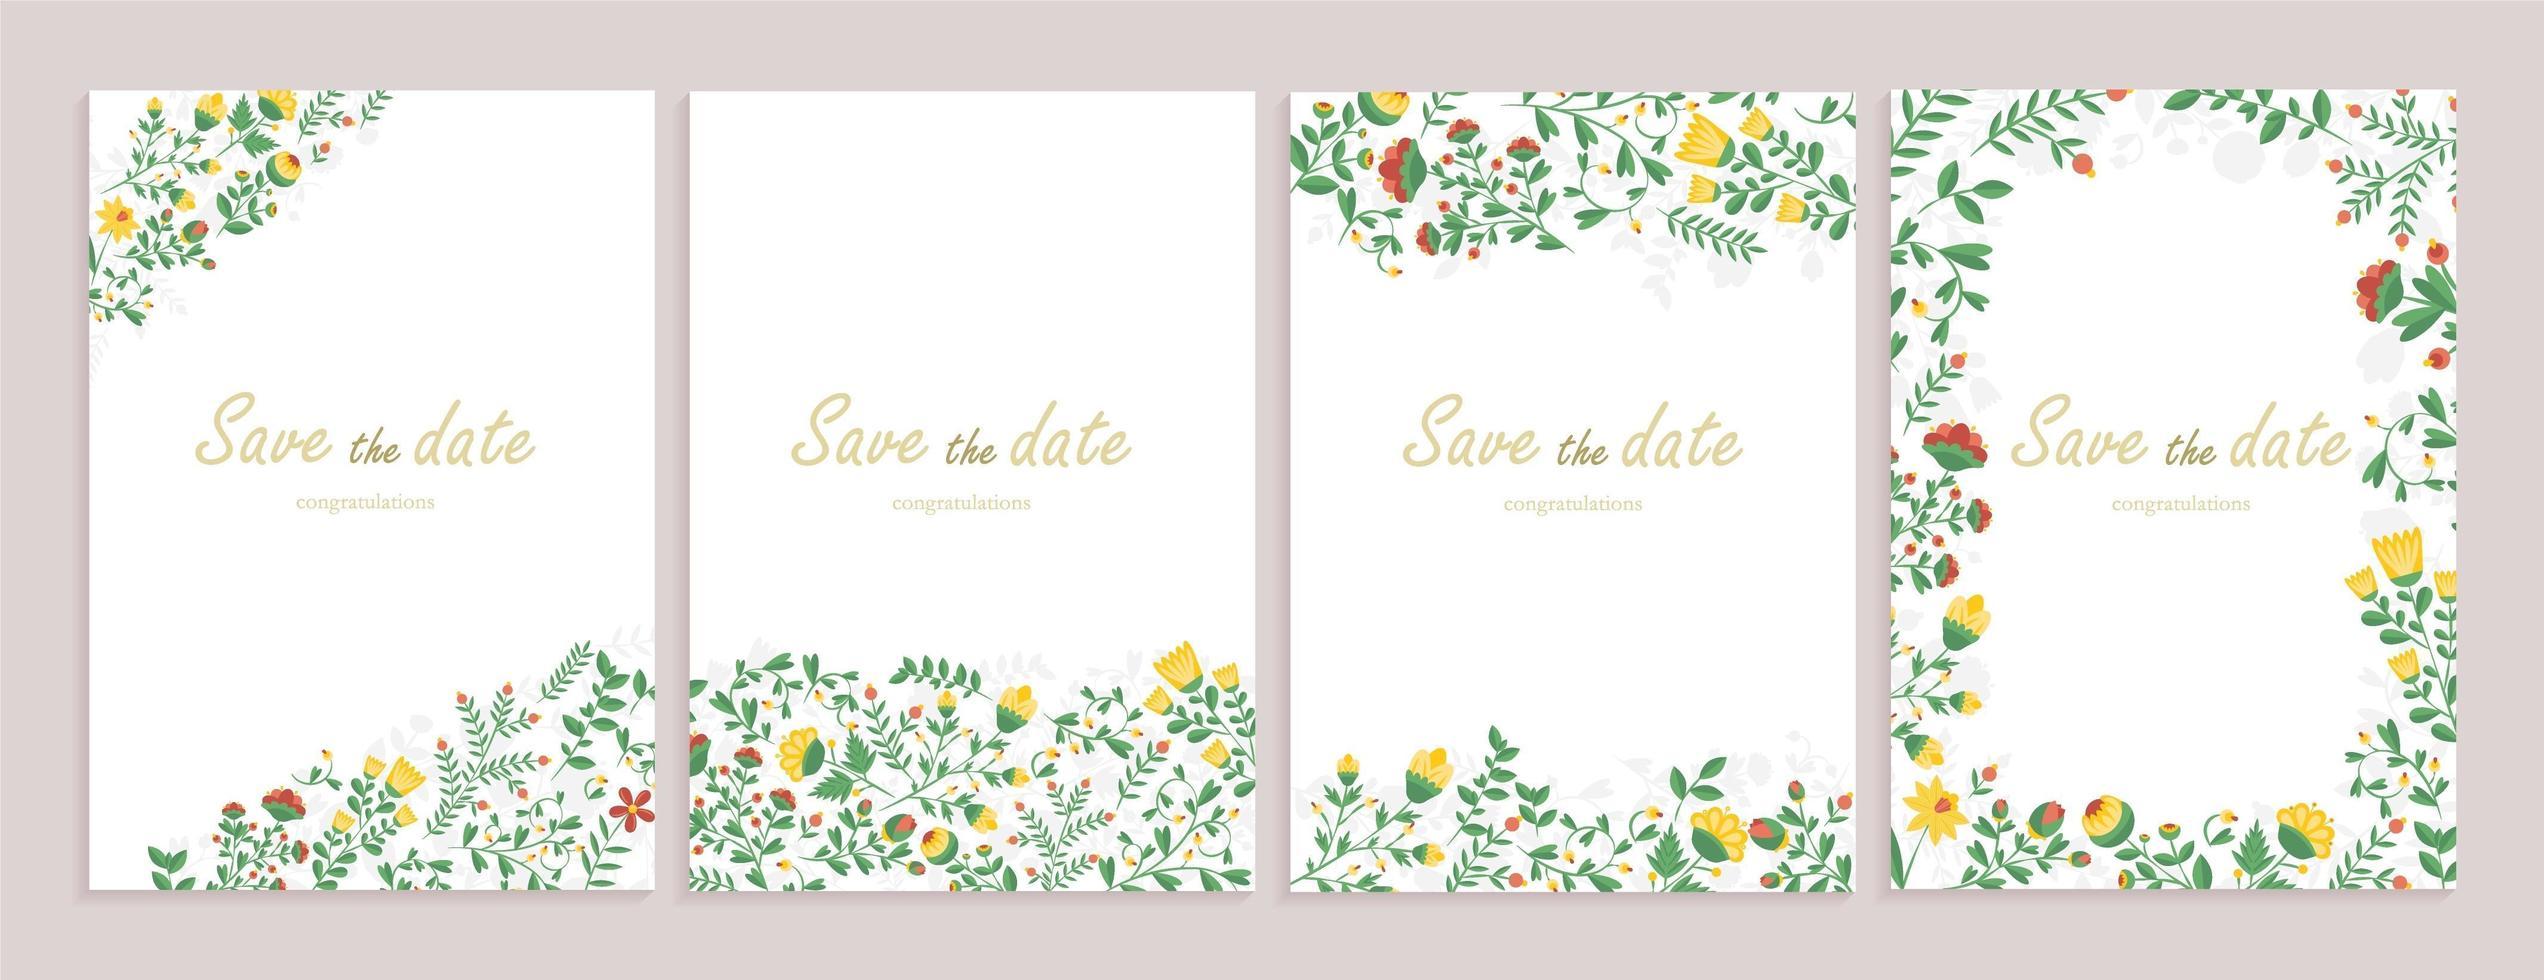 uppsättning gratulationskort med blommig dekor. vektor